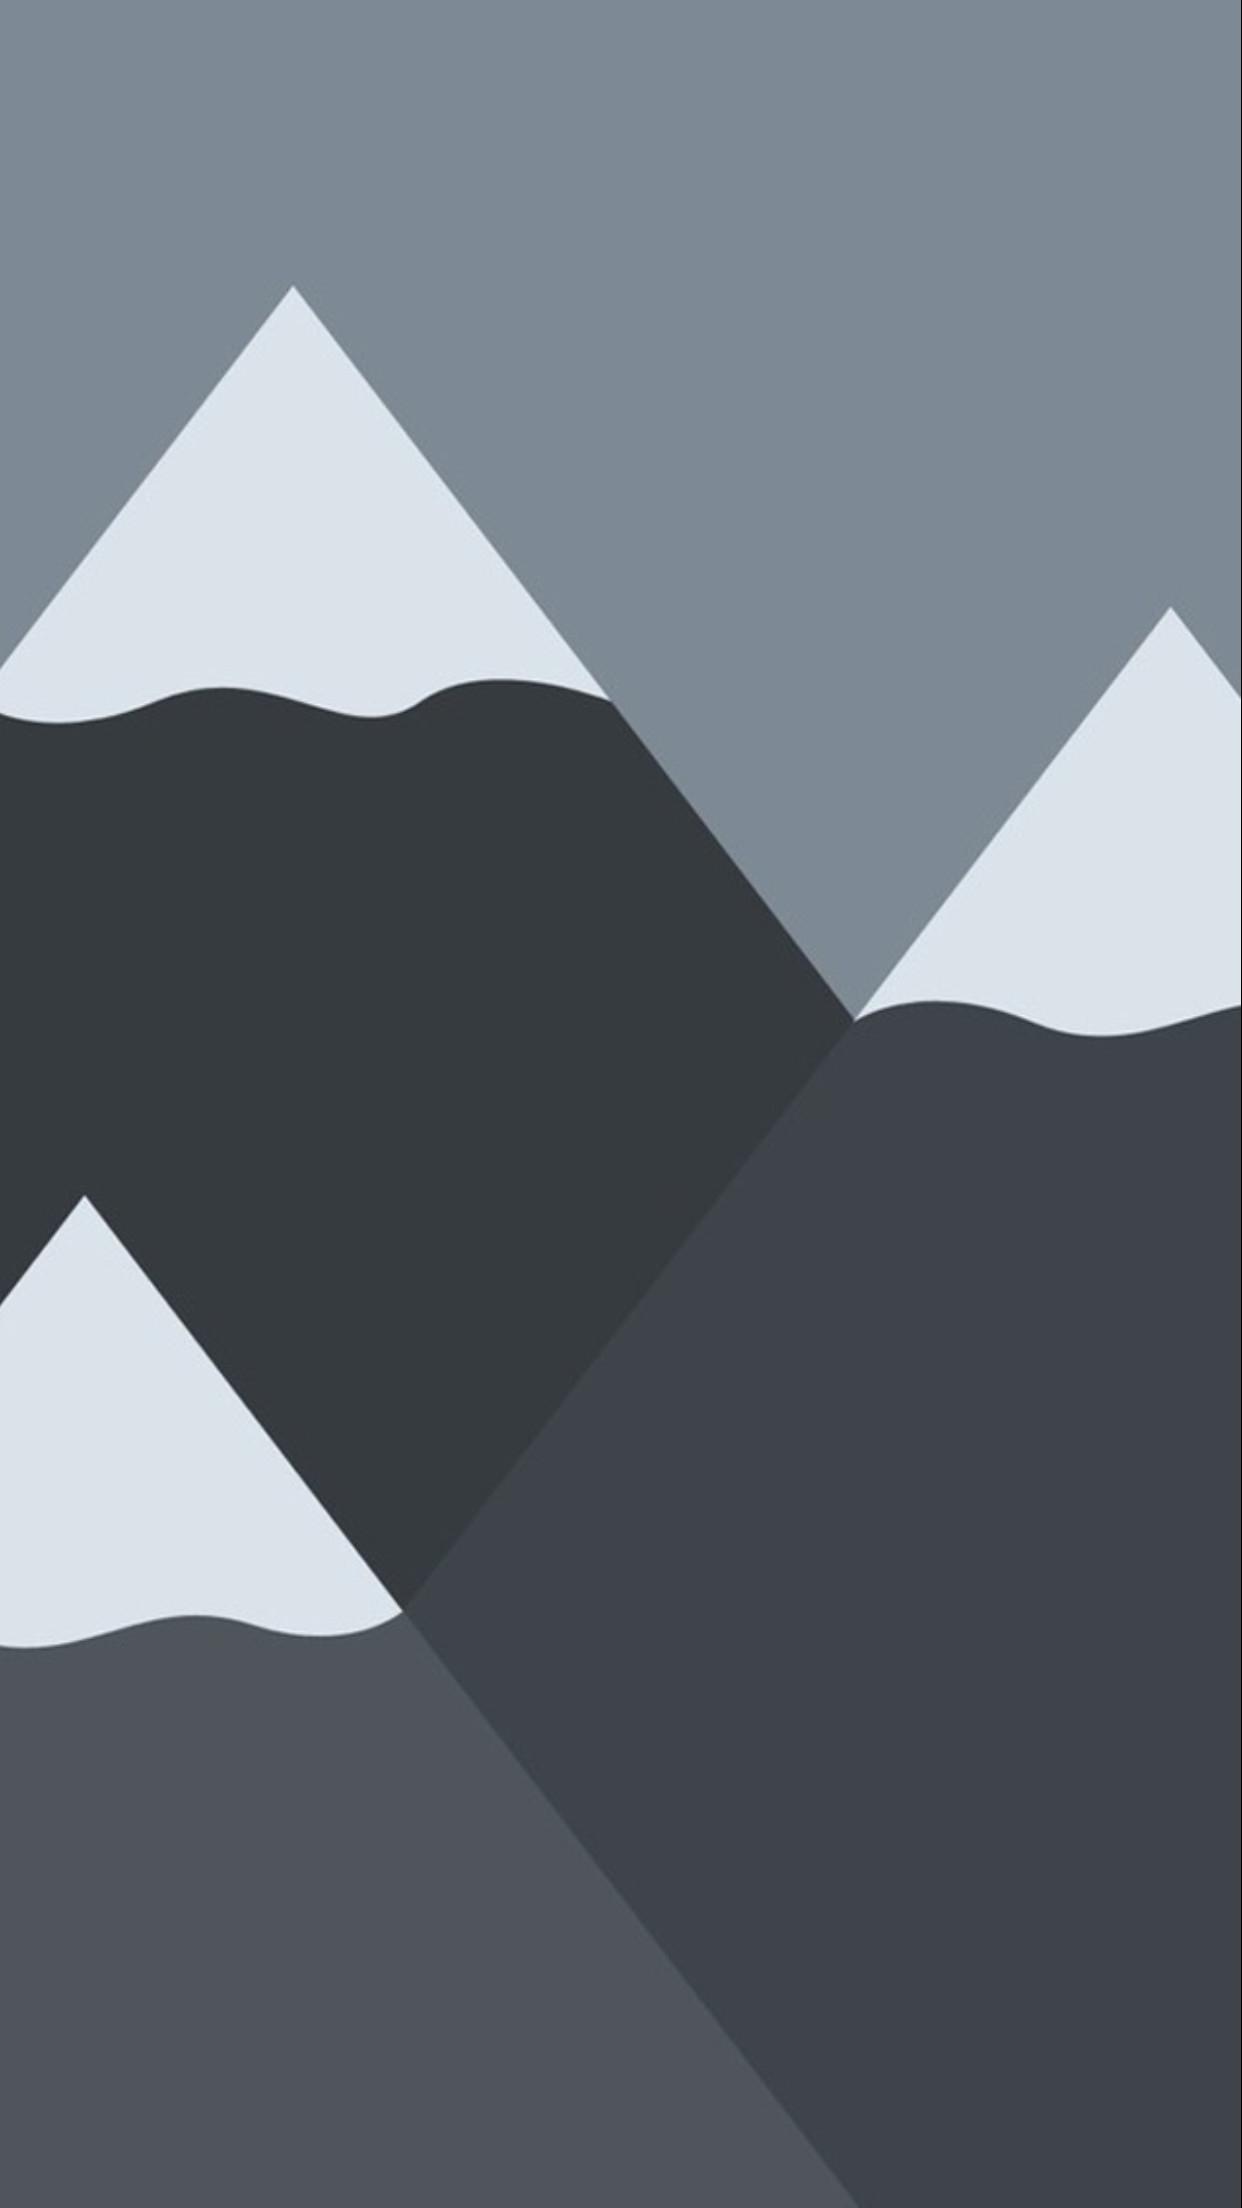 Mountains Minimal Wallpaper iPhone 6 Plus